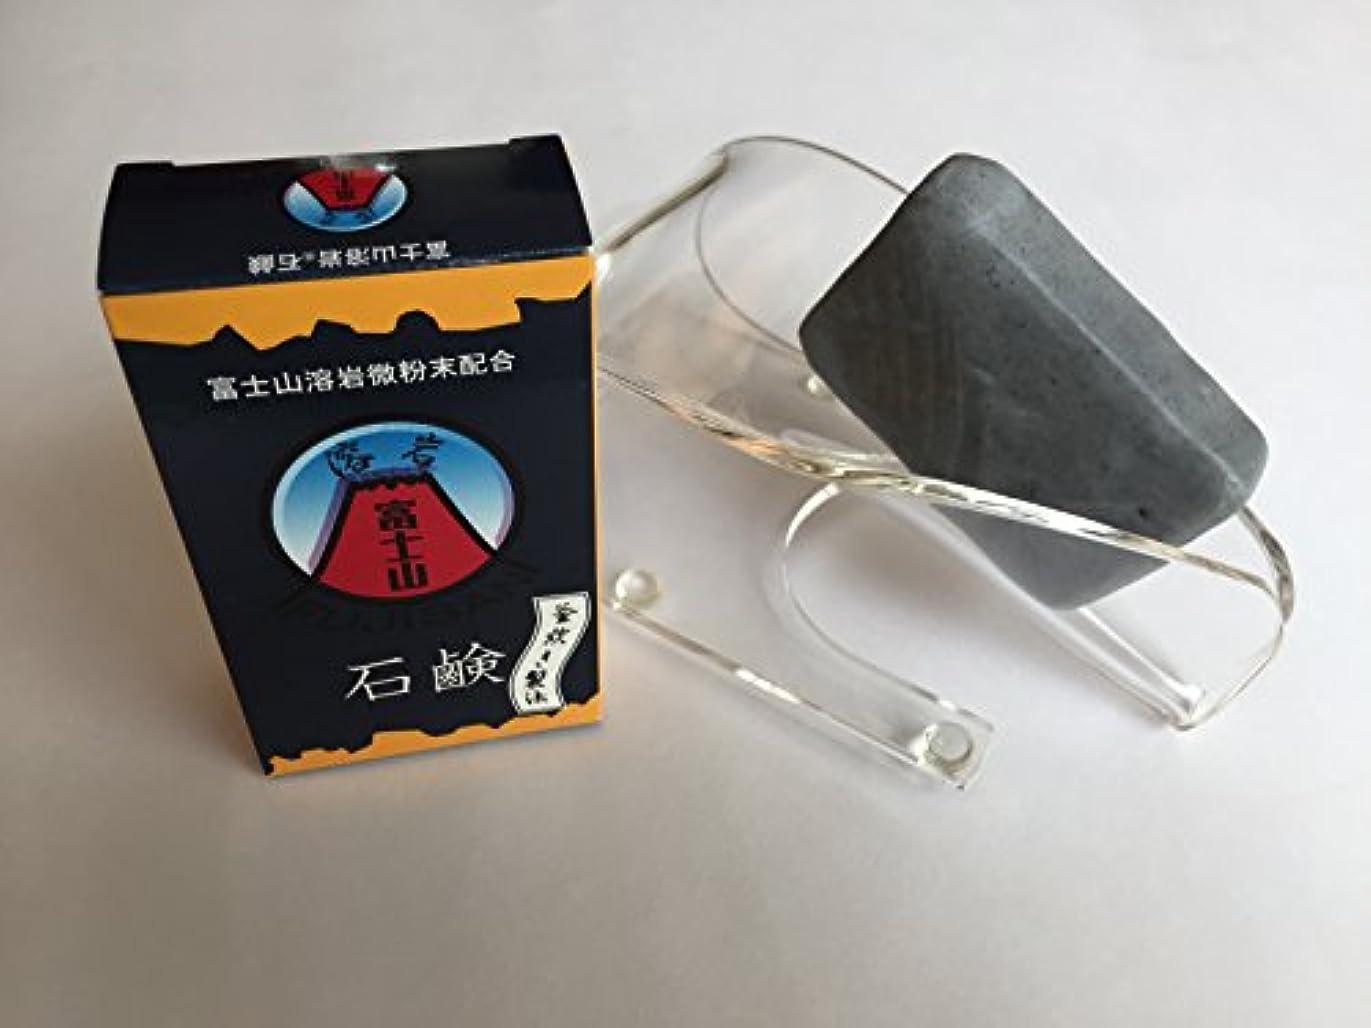 札入れ潜む近代化する限定15セット高級ホルダー(写真2,000円相当)プレゼント 富士山溶岩石鹸80g/個×3個セット